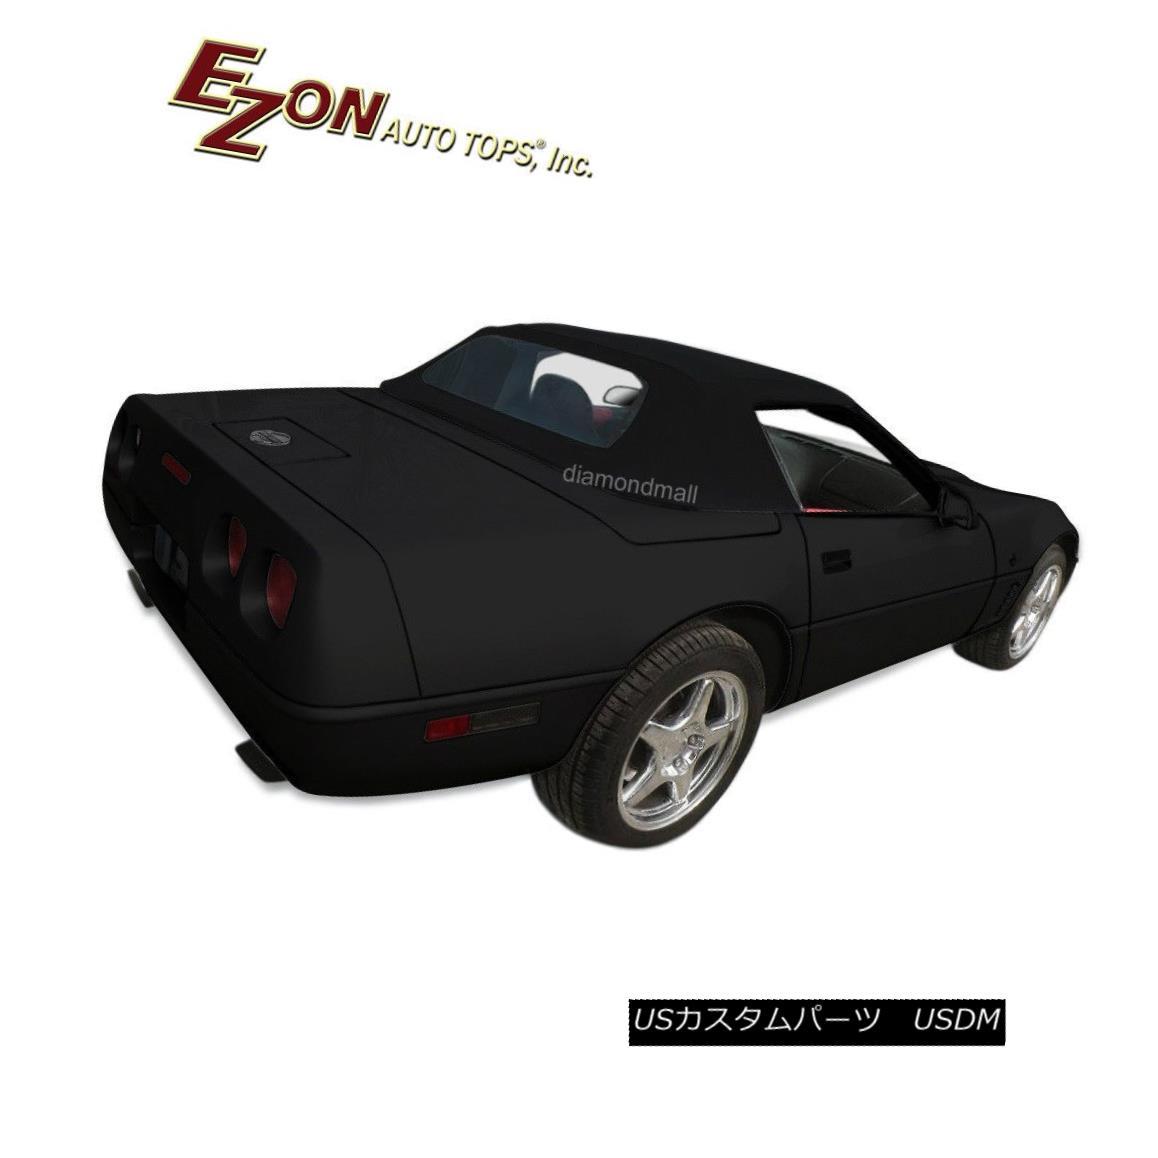 幌・ソフトトップ Chevy Corvette C4 1986-1996 Convertible Soft Top With Glass window Black Vinyl シボレーコルベットC4 1986-1996ガラスウィンドウ付きのコンバーチブルソフトトップブラックビニール